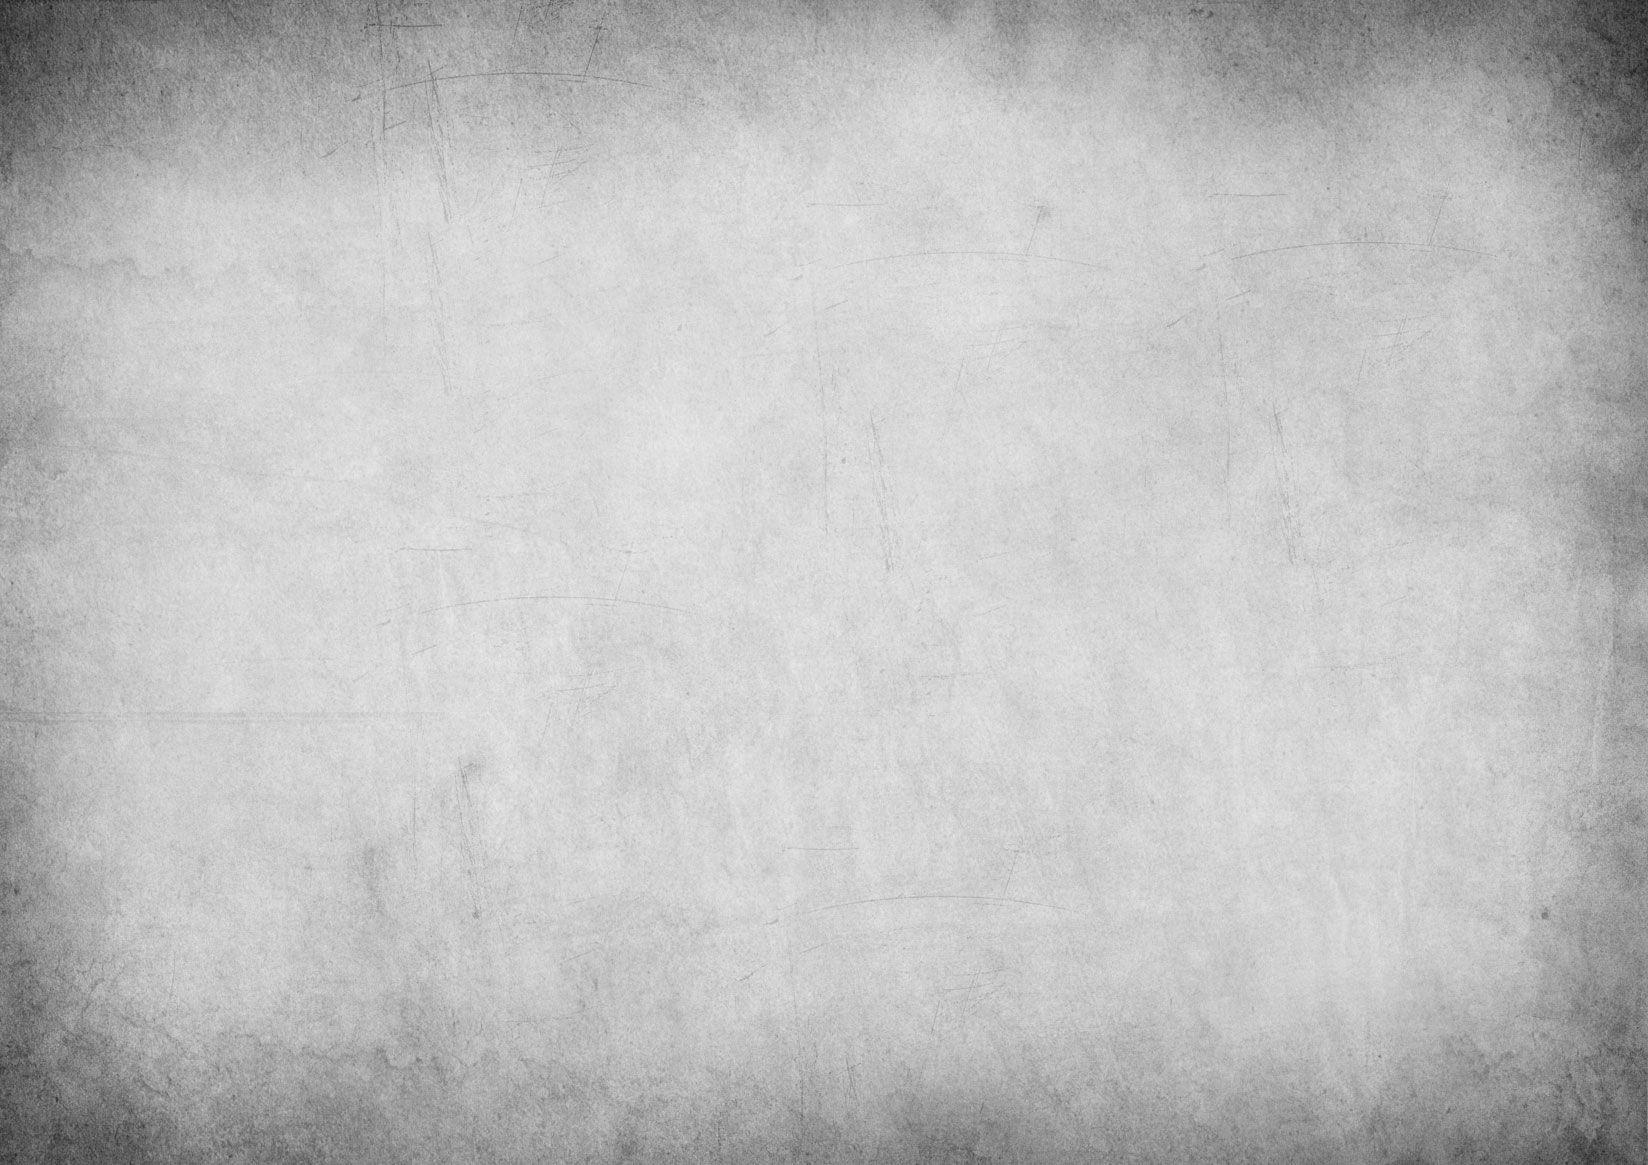 Grey Background Jpg 1648 1165 Textured Background Grey Wallpaper Background Gray Background